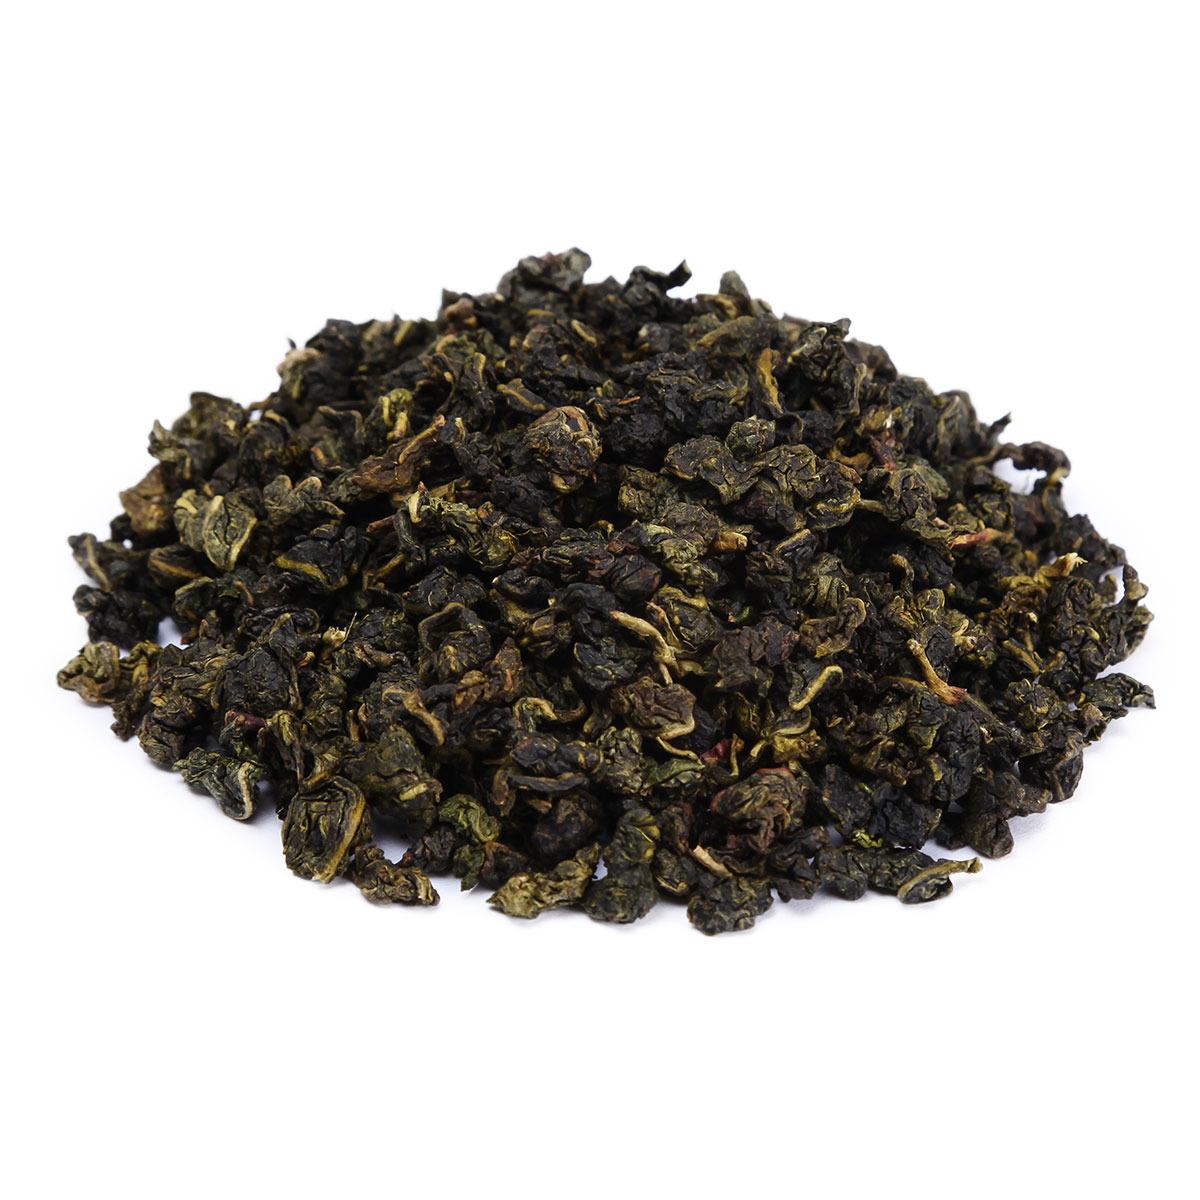 Чай листовой Первая Чайная Компания Жасминовый улун, травяной, 100 г сад дань чай травяной чай жасминовый чай жасминовый чай типпи 100г мешок